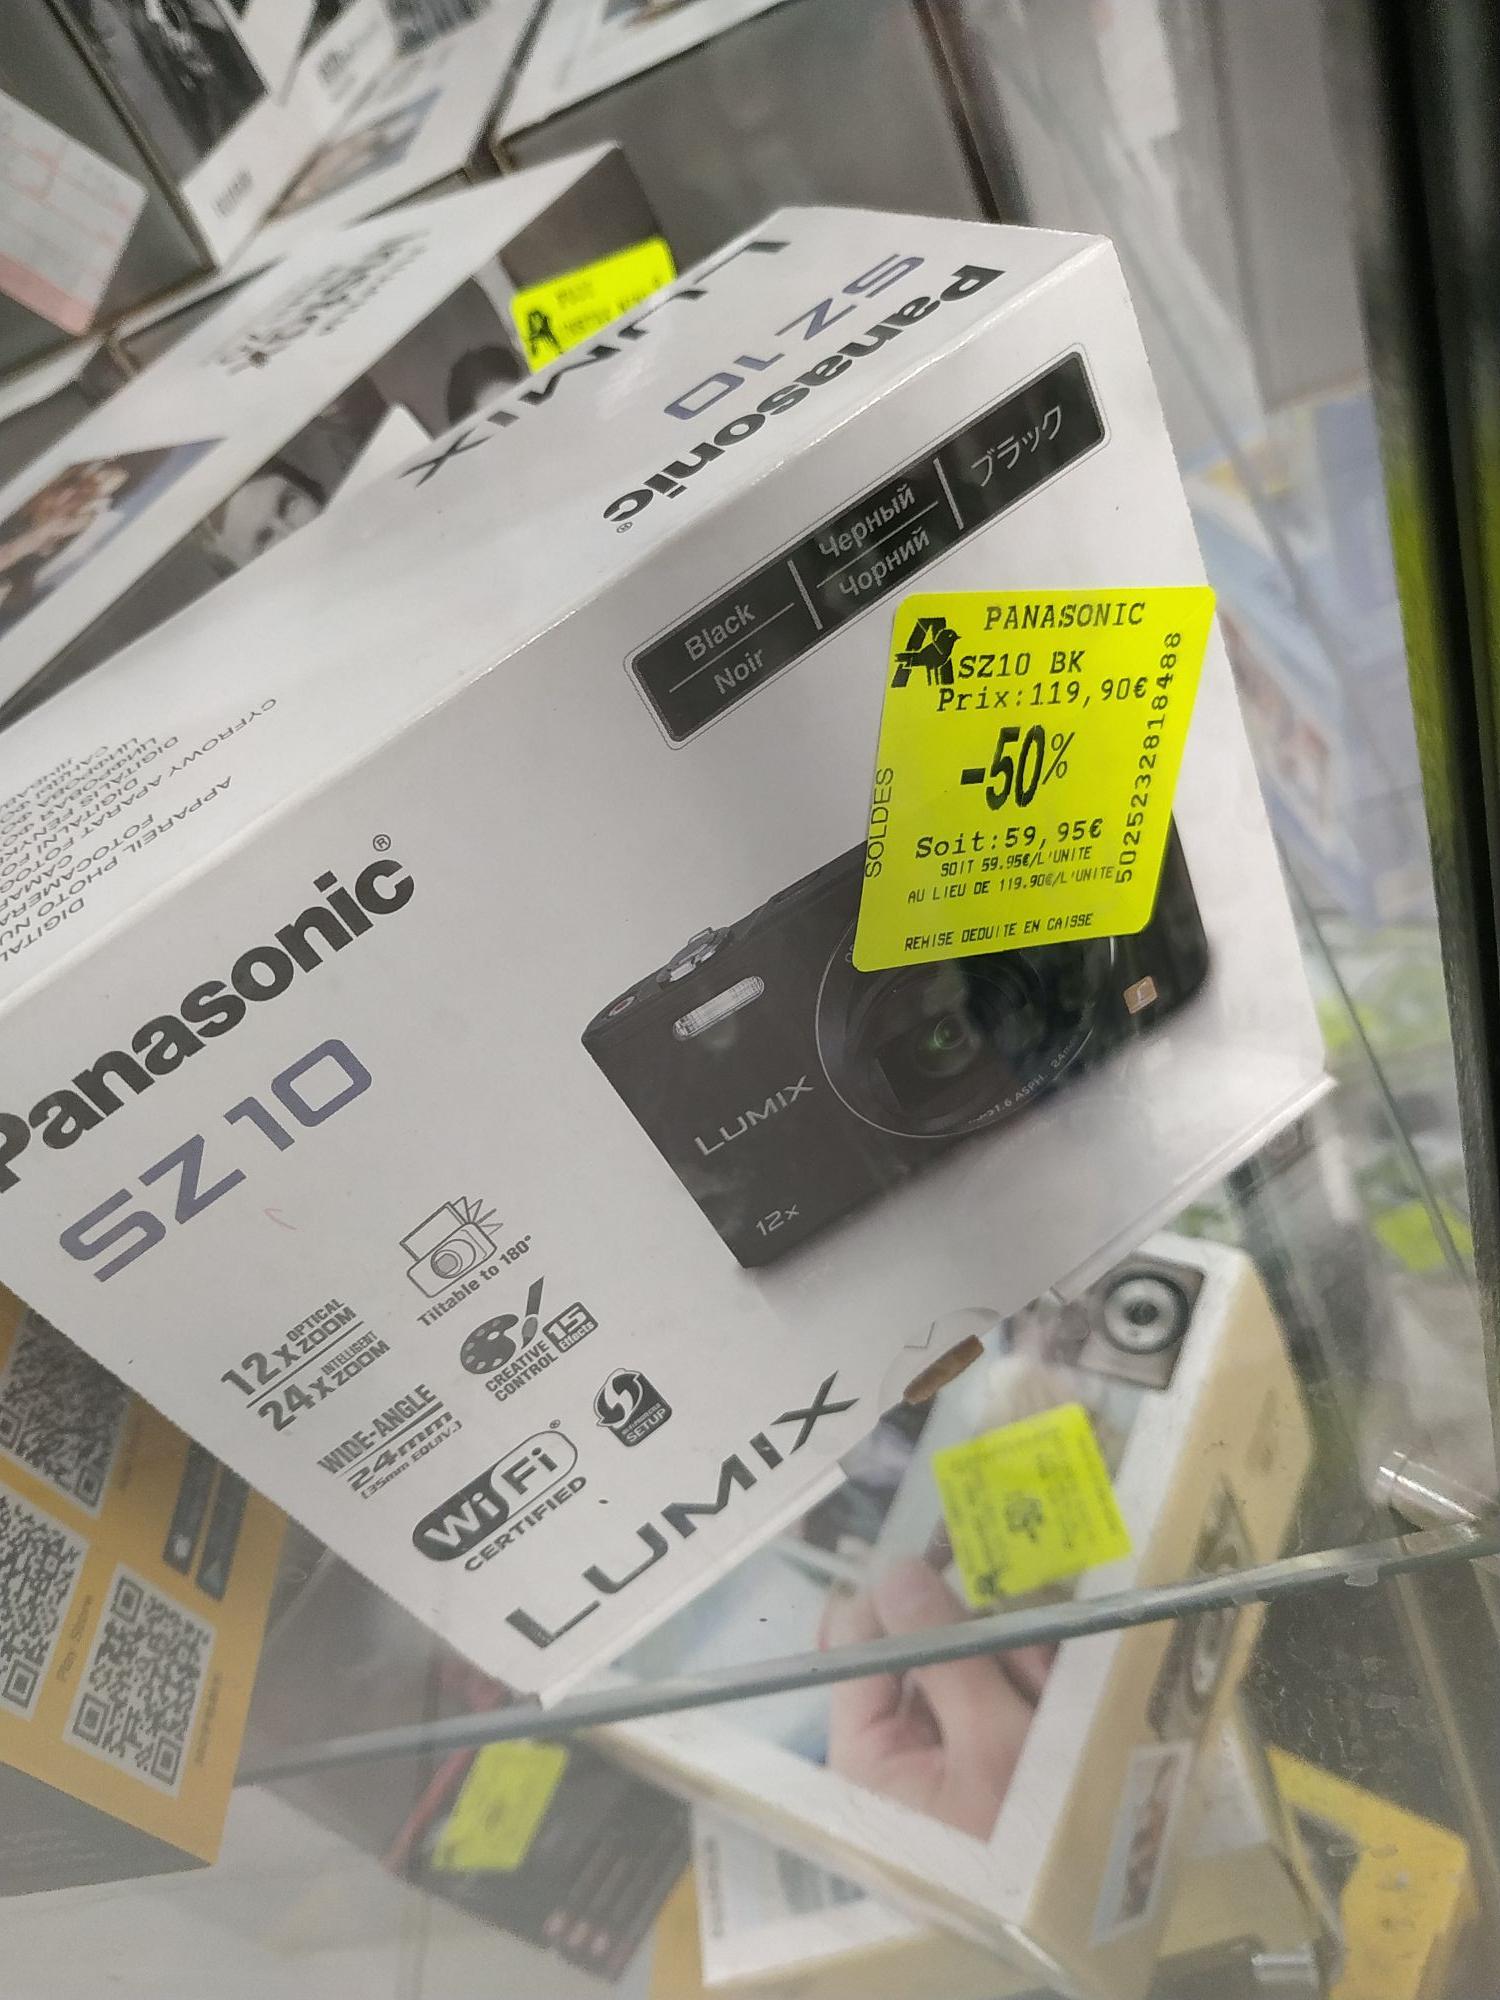 Appareil photo numérique compact Panasonic Lumix DMC-SZ10 - 16 Mpx - Fontenay-sous-Bois (94)